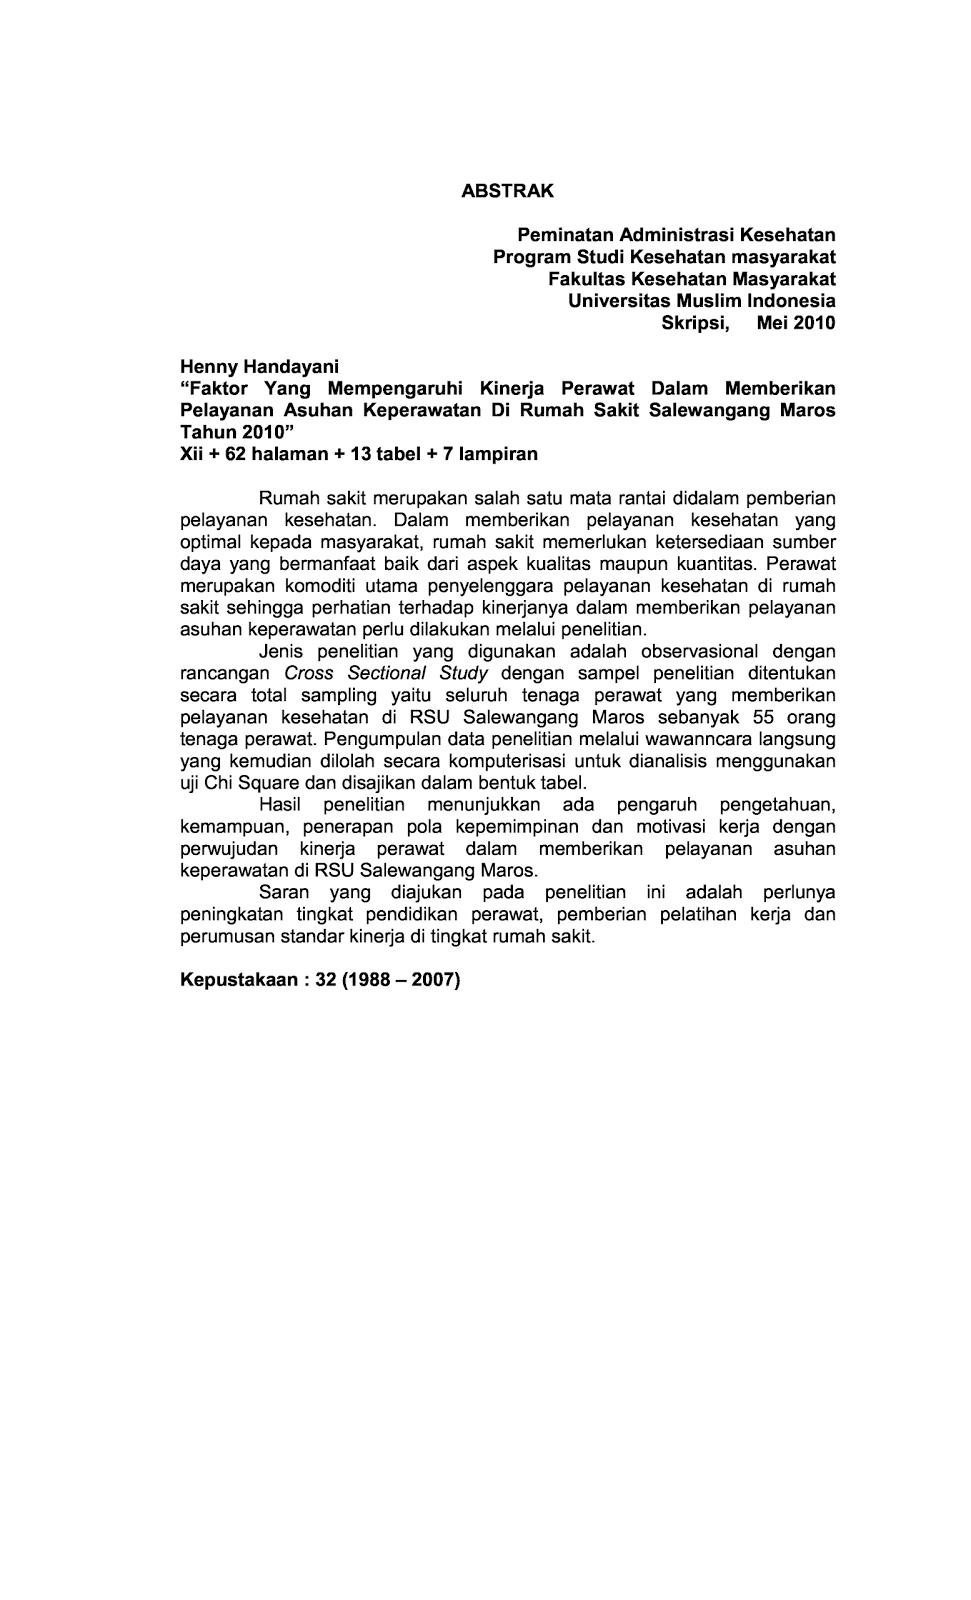 Judul Skripsi Kesling Mitrariset Contoh Skripsi Tesis 52 Skripsi Kesehatan Download Tesis Kesehatan Skripsi Administrasi